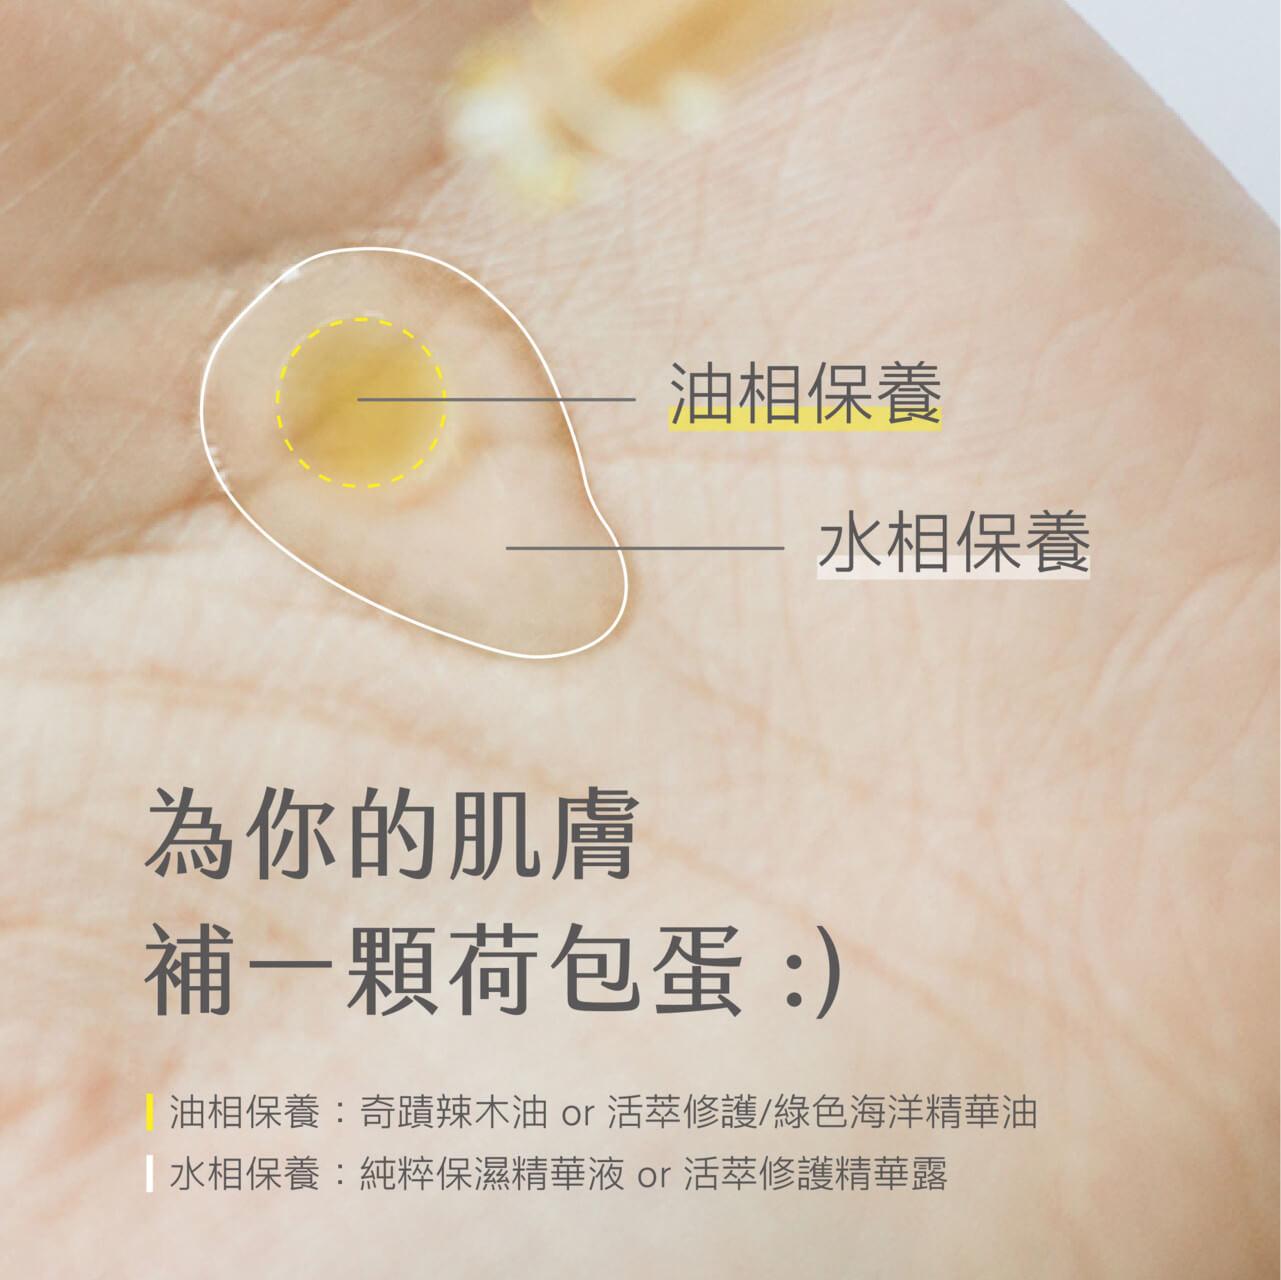 荷包蛋保養法:手心先滴 2-3 滴精華液,再於中心低 1 滴精華油,彷彿一顆荷包蛋,再搓勻混合後輕拍全臉吸收,是適合油性肌膚的保養步驟